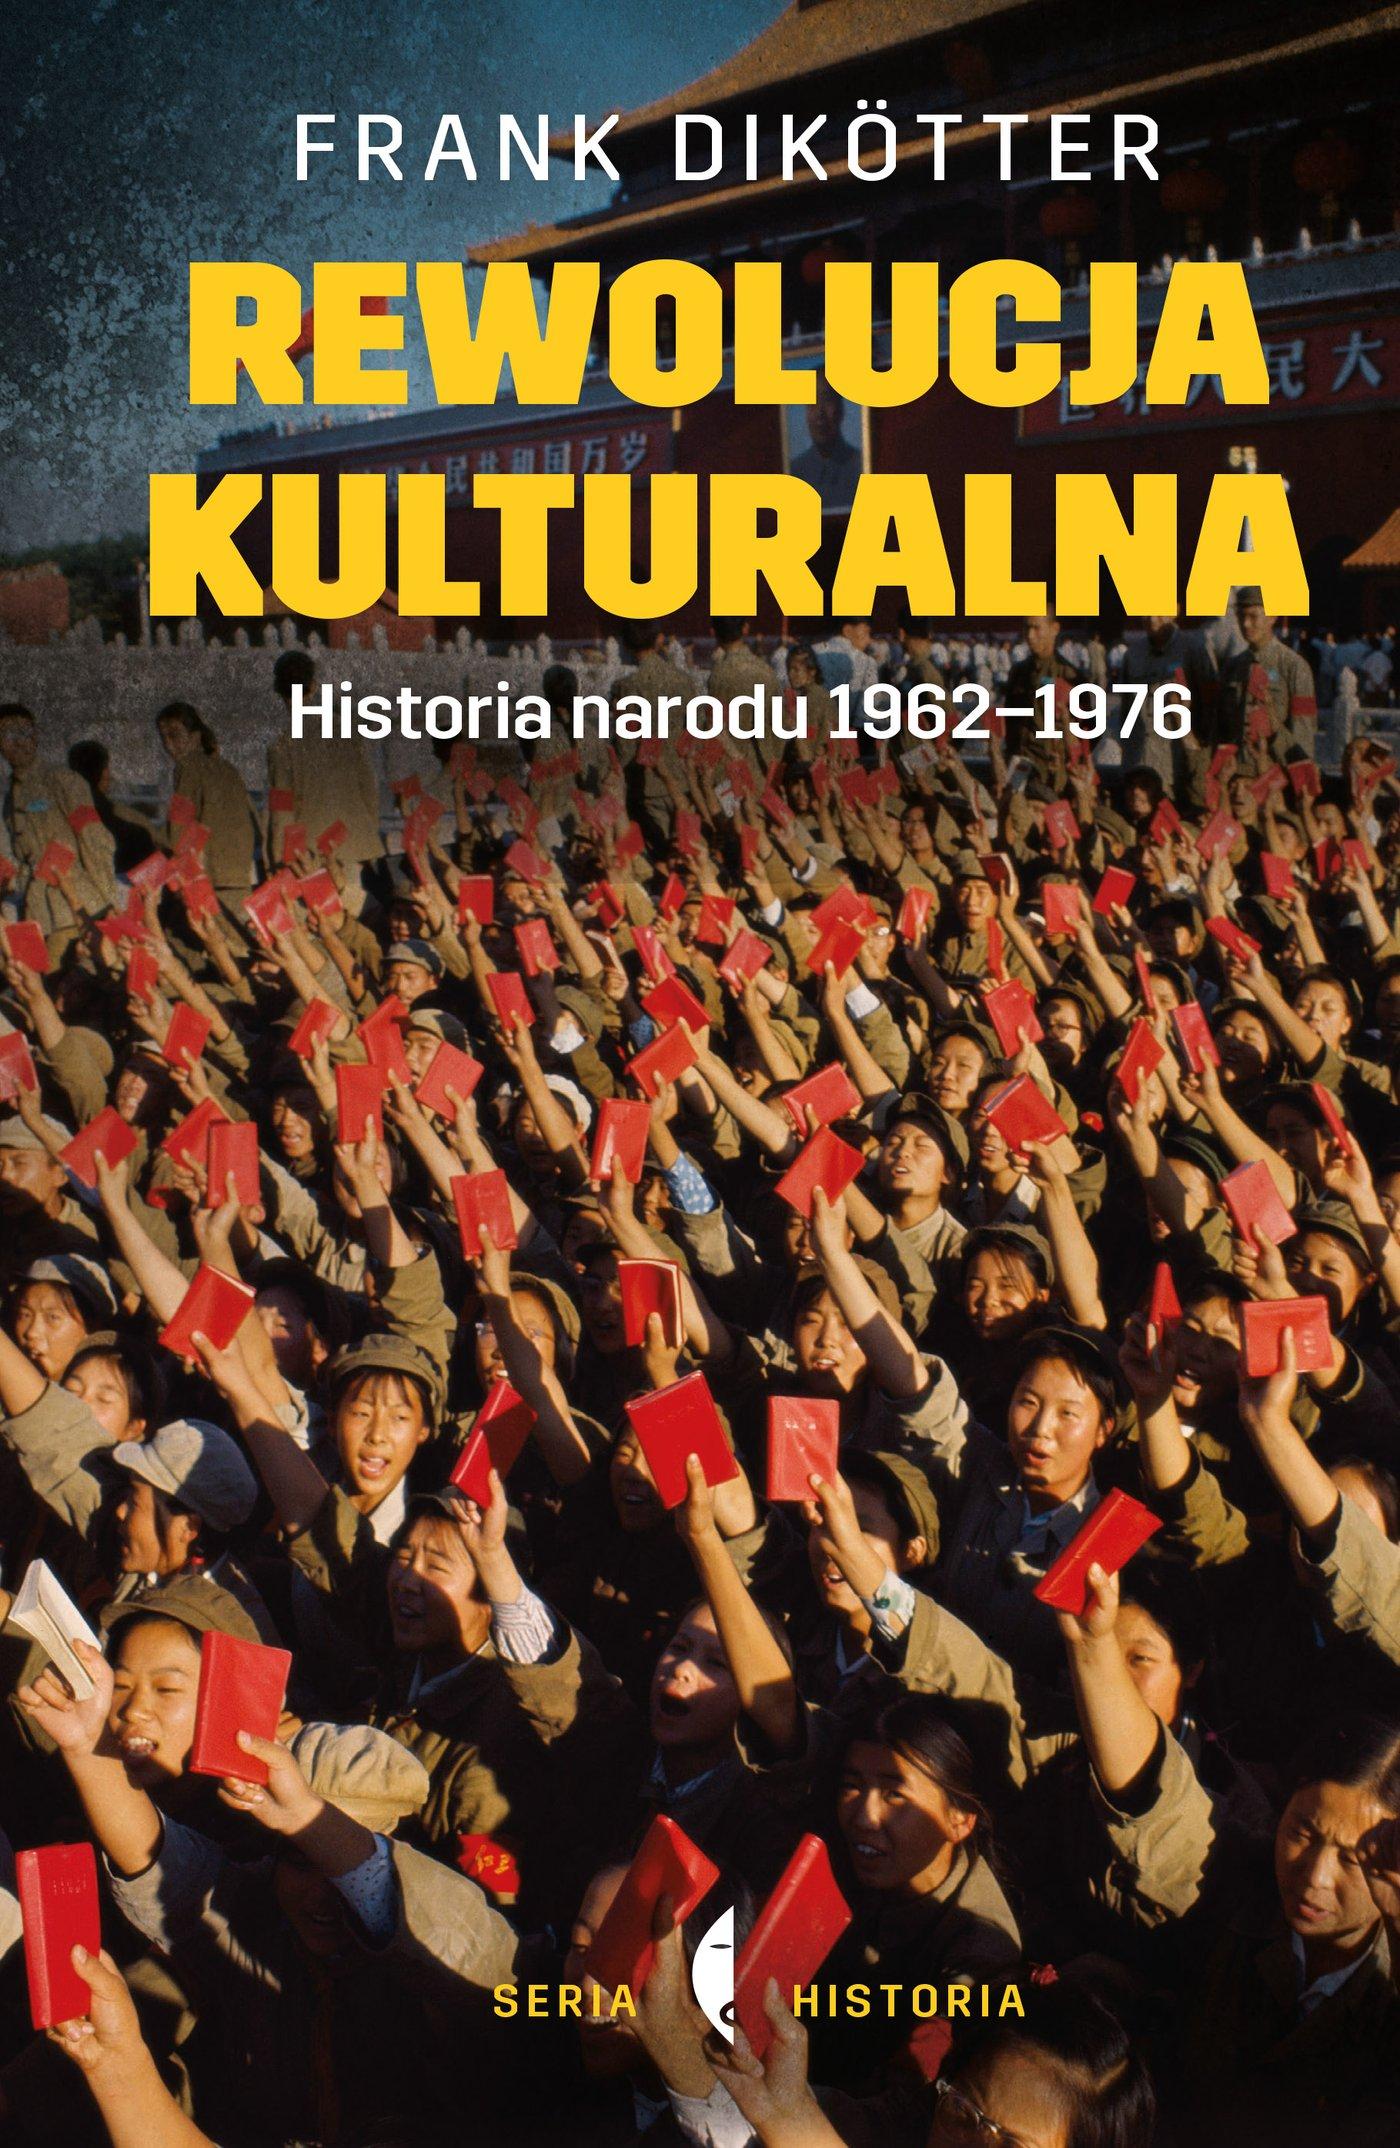 Rewolucja kulturalna - Ebook (Książka na Kindle) do pobrania w formacie MOBI